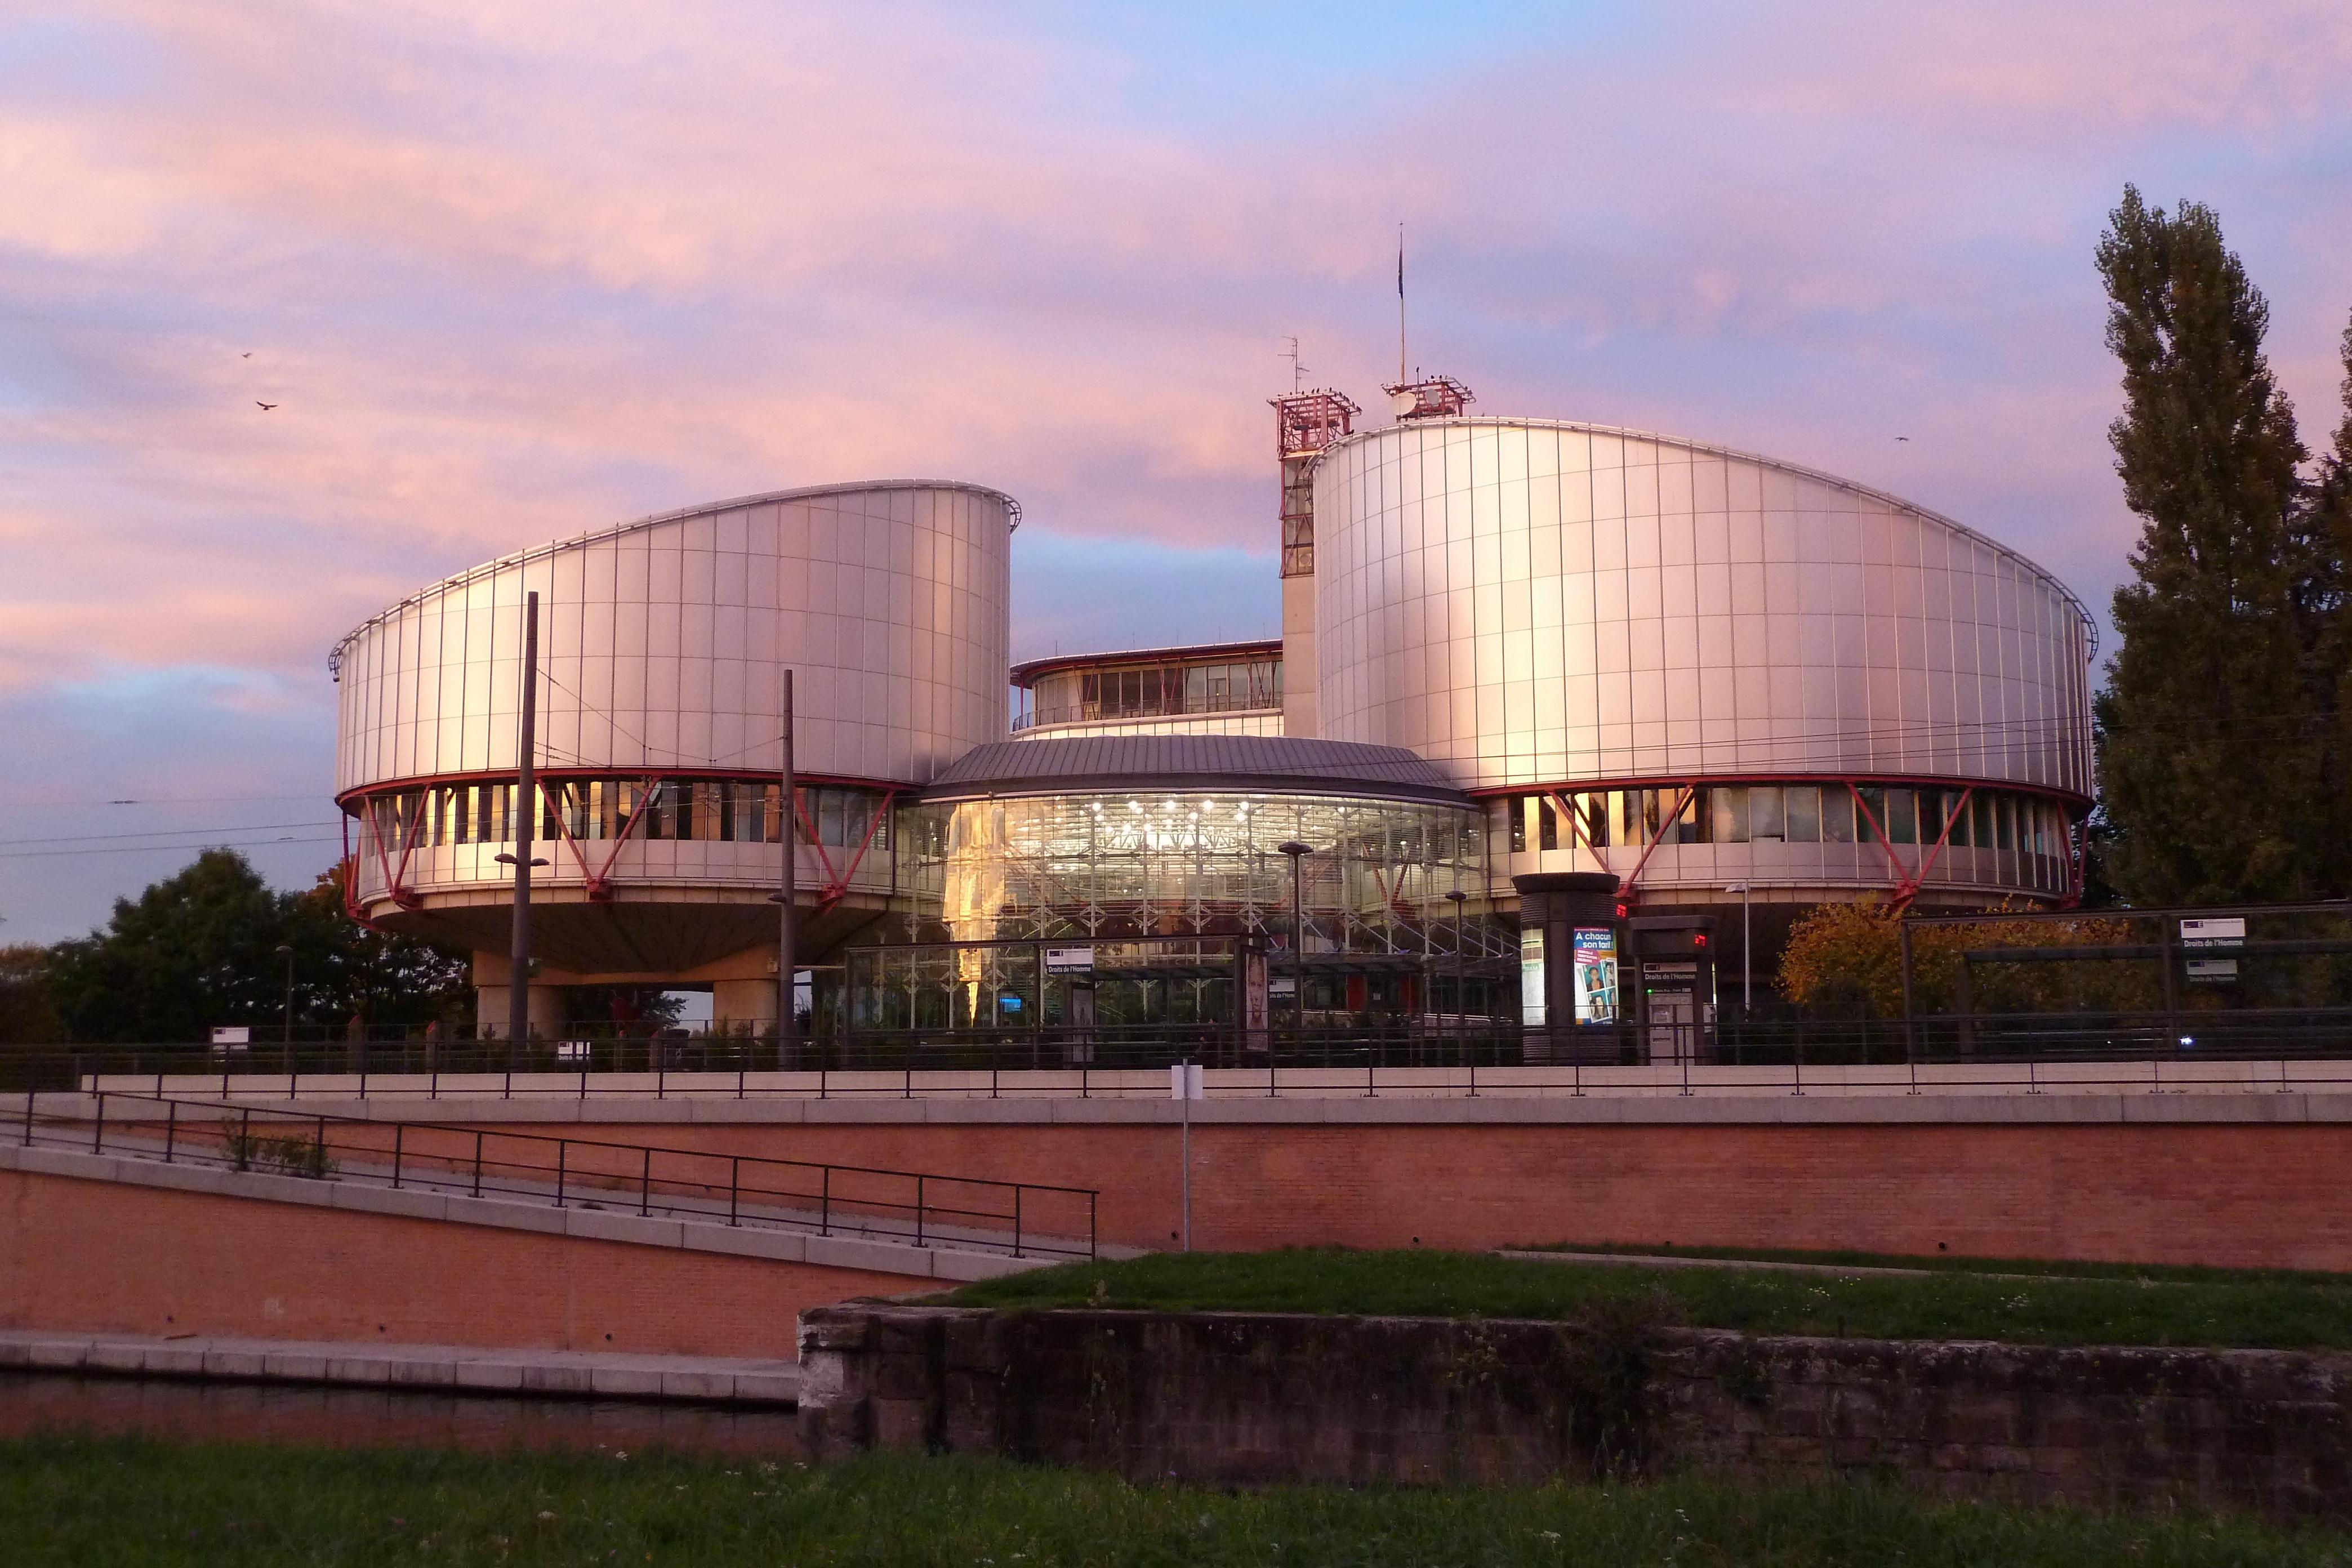 Стиль хай-тек в архитектуре: Европейский суд прав человека